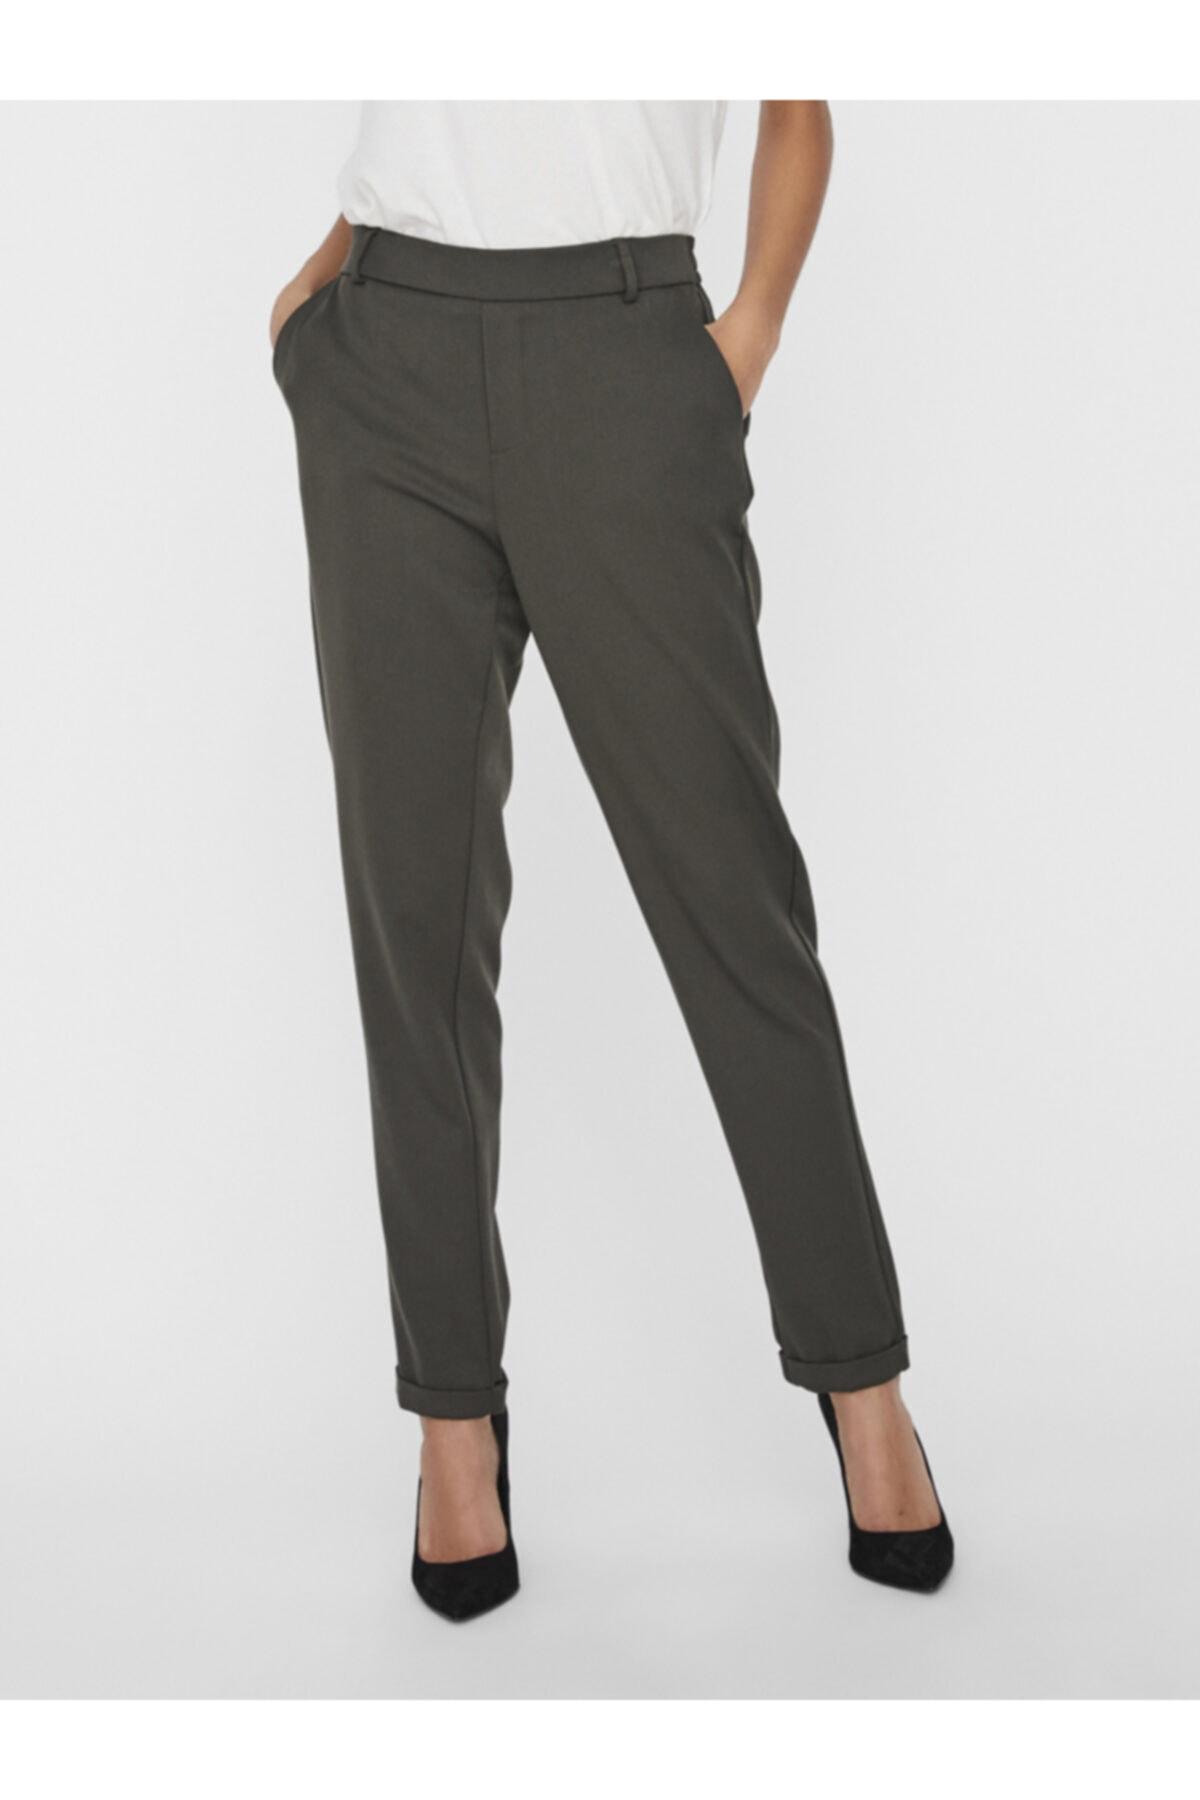 Vero Moda Kadın Haki Düz Kesim Paçaları Katlamalı Kumaş Pantolon 10225280 VMMAYA 2